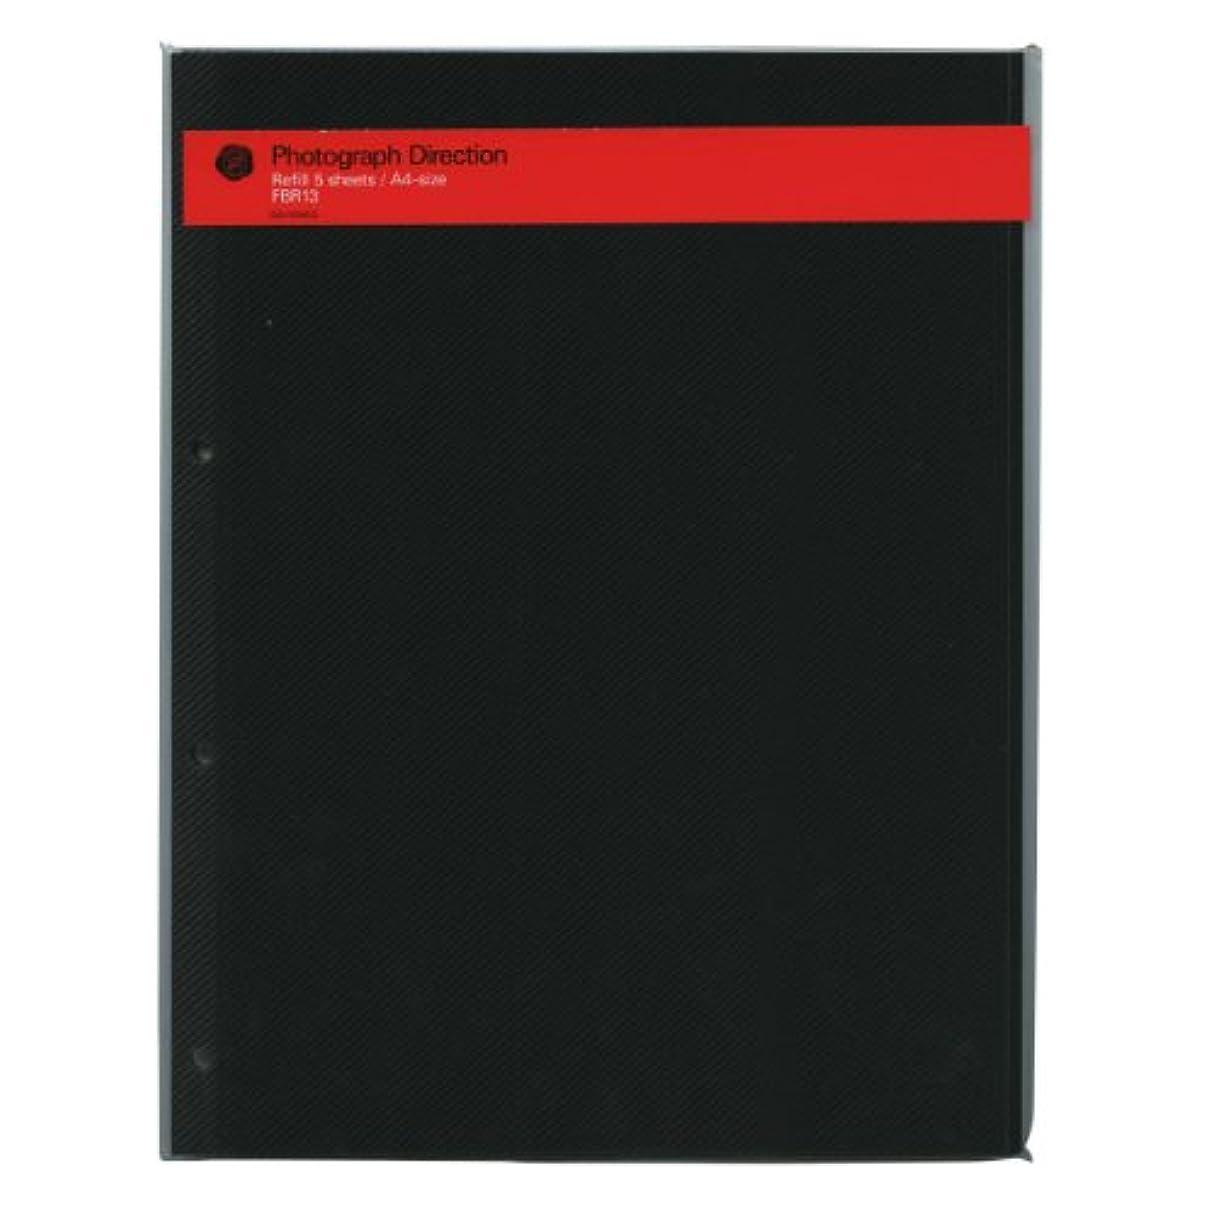 赤字ショッピングセンター原始的なアルバム粘着台紙(A4)【ブラック】 500177-105